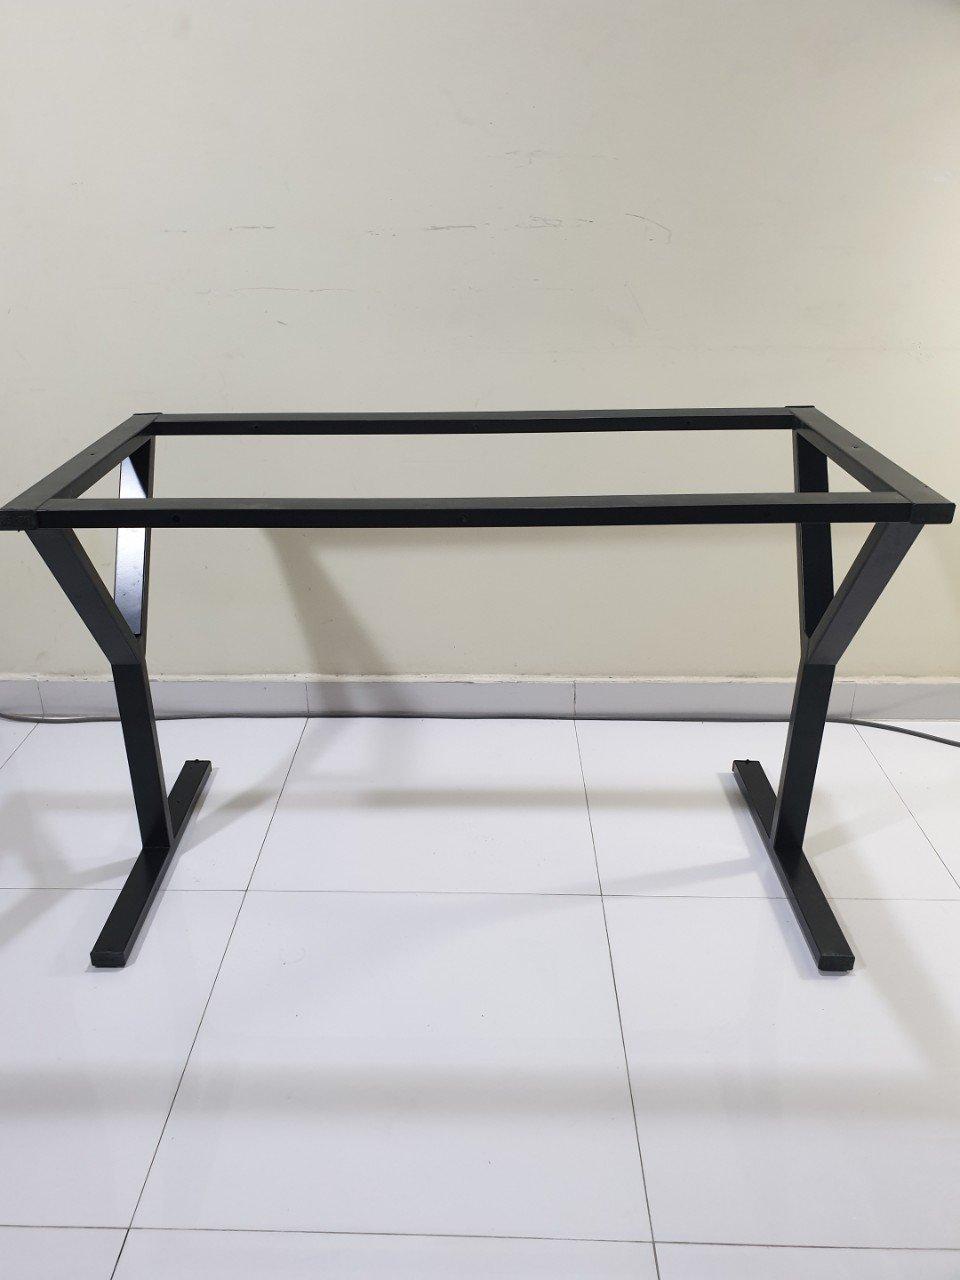 Chân bàn văn phòng 120×60 sắt vuông 25×50 lắp ráp : KY120